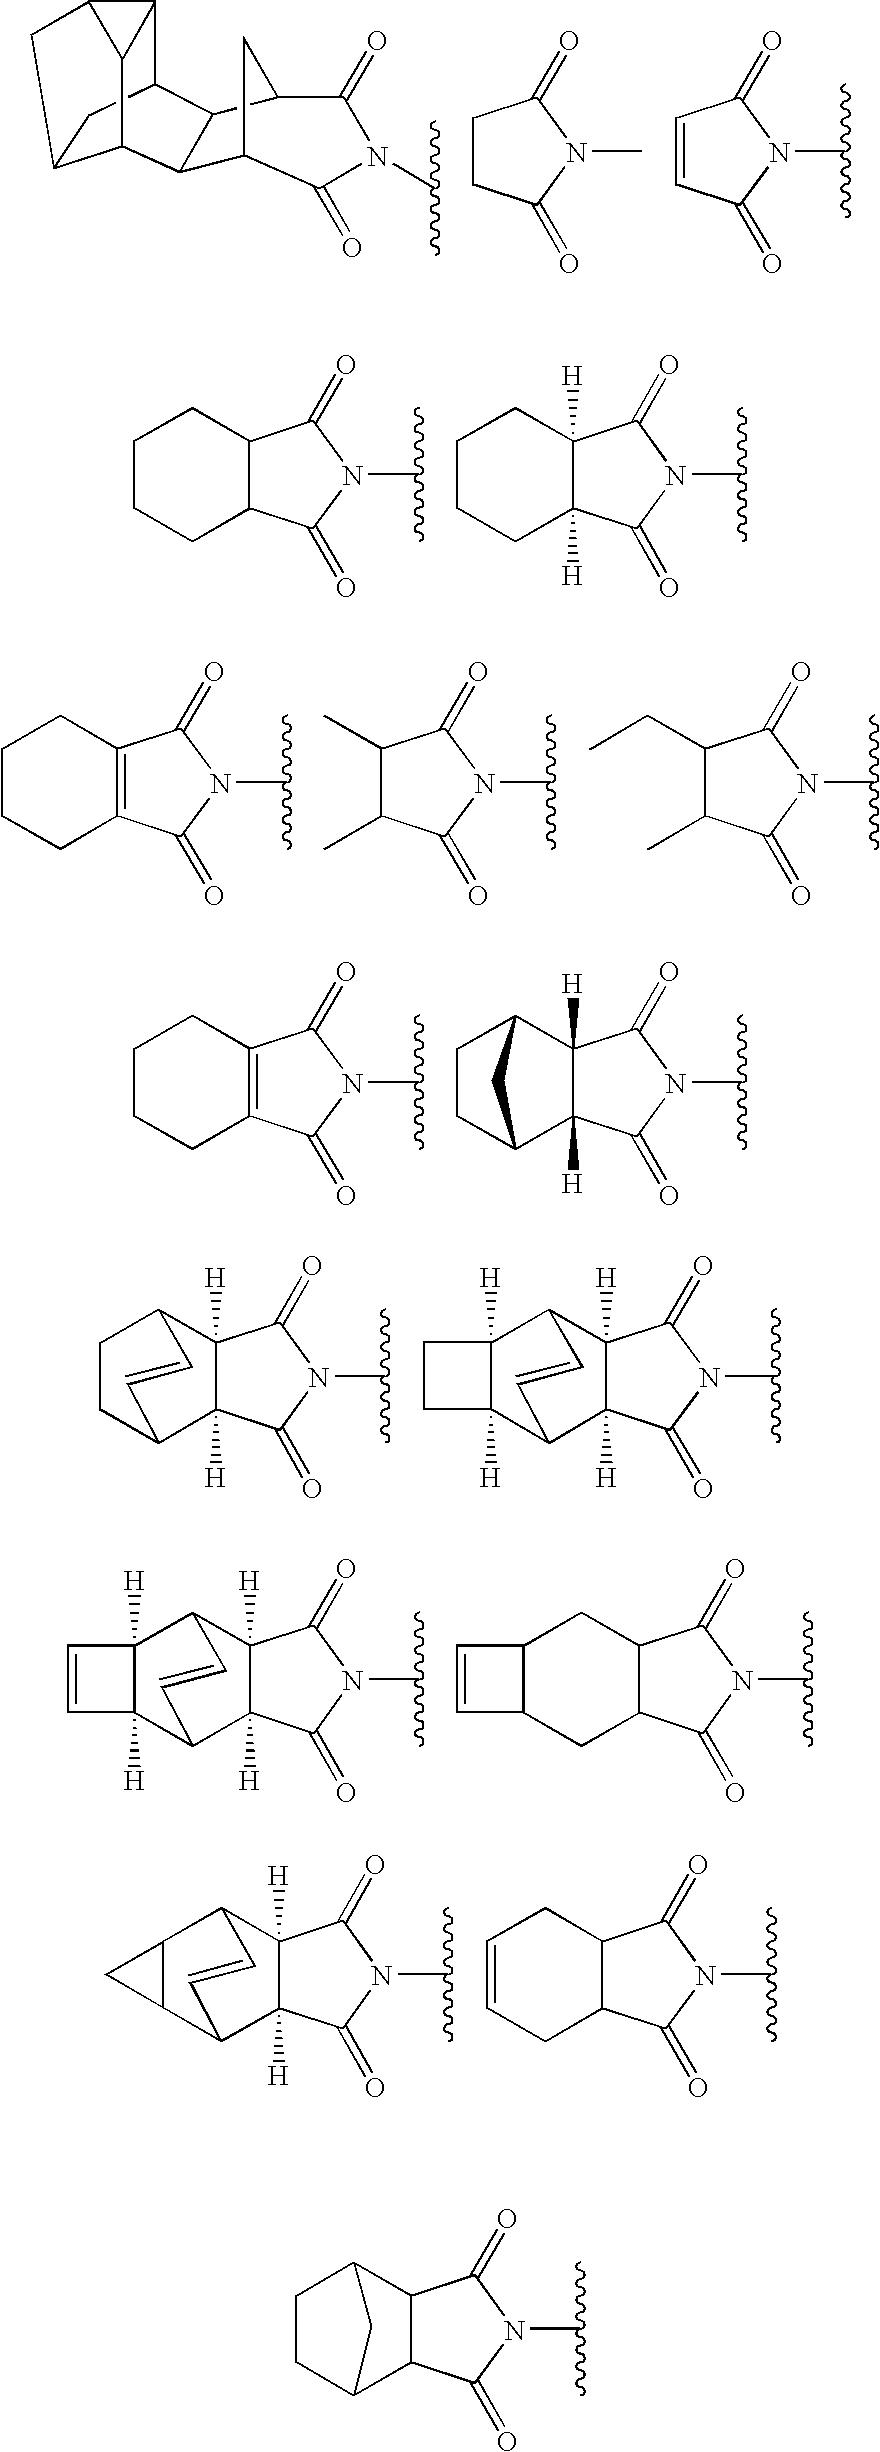 Figure US20100009983A1-20100114-C00030